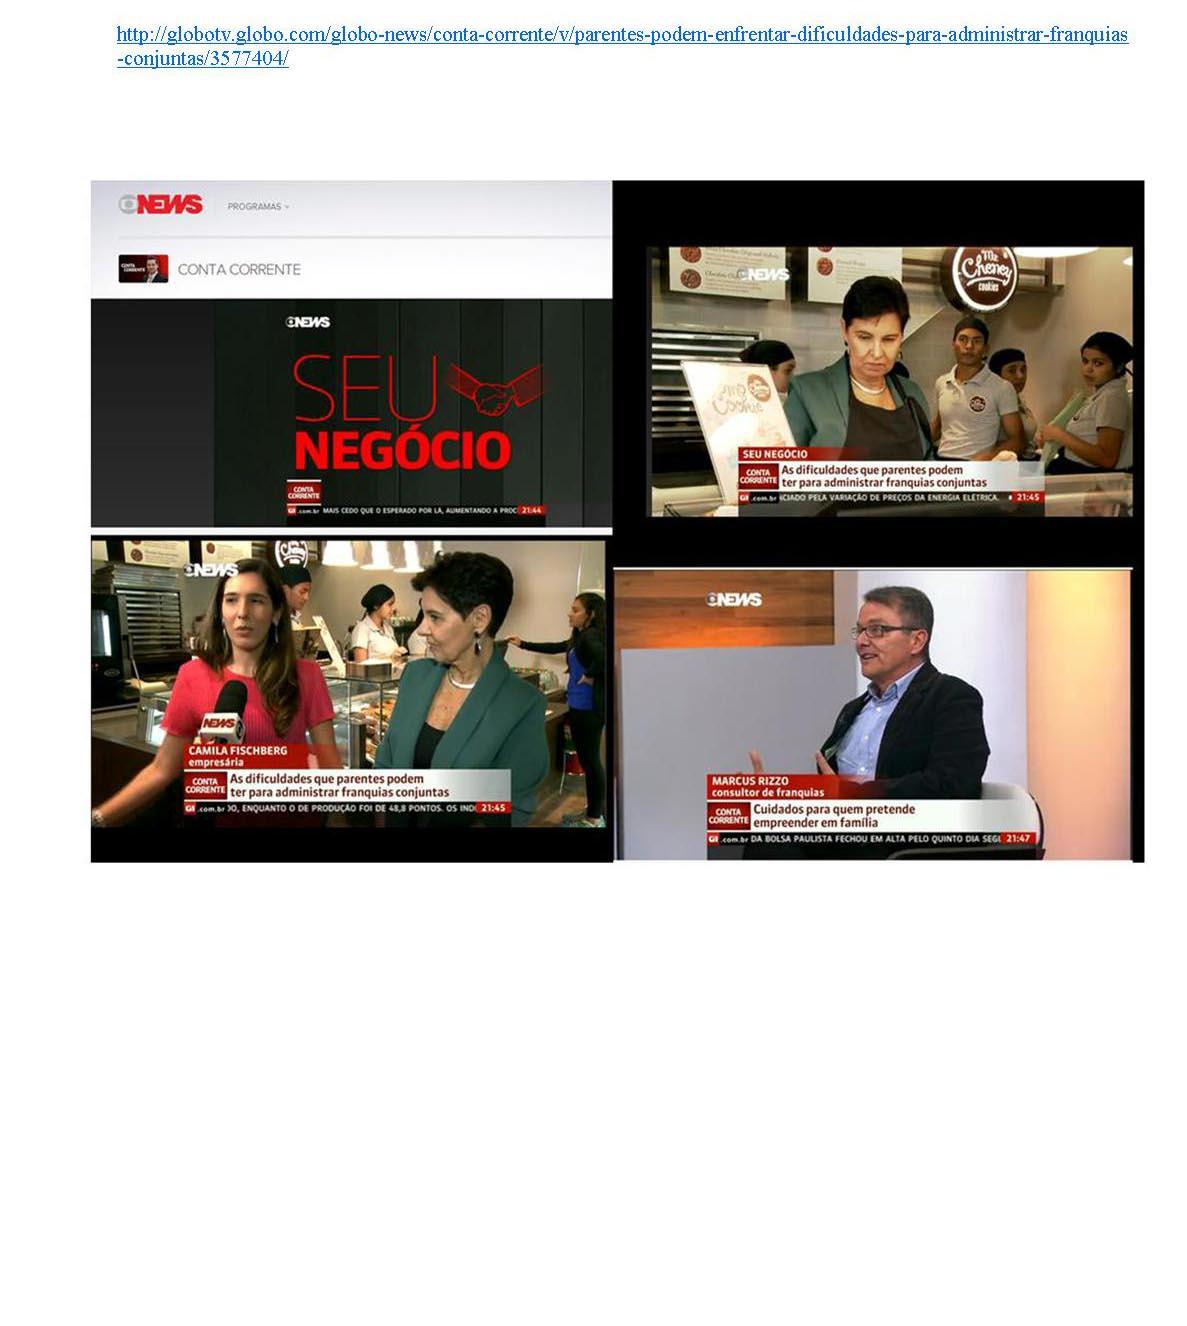 Programa Conta Corrente - Globo News 08/2014